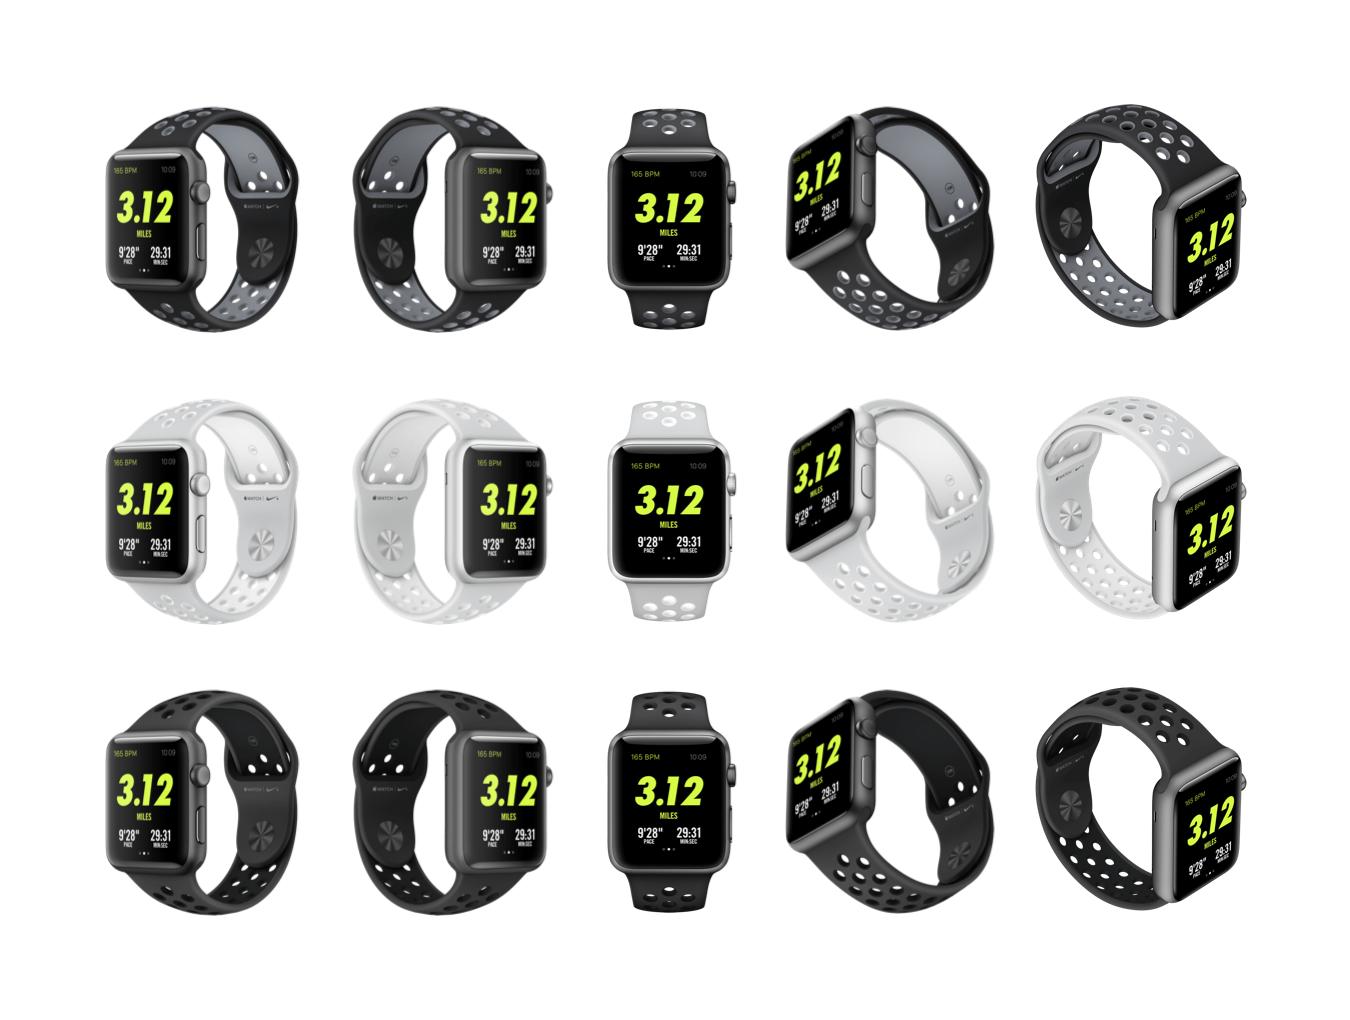 5款前视图苹果手表Apple Watch展示样机 Top 5 Apple Watch Views插图(6)